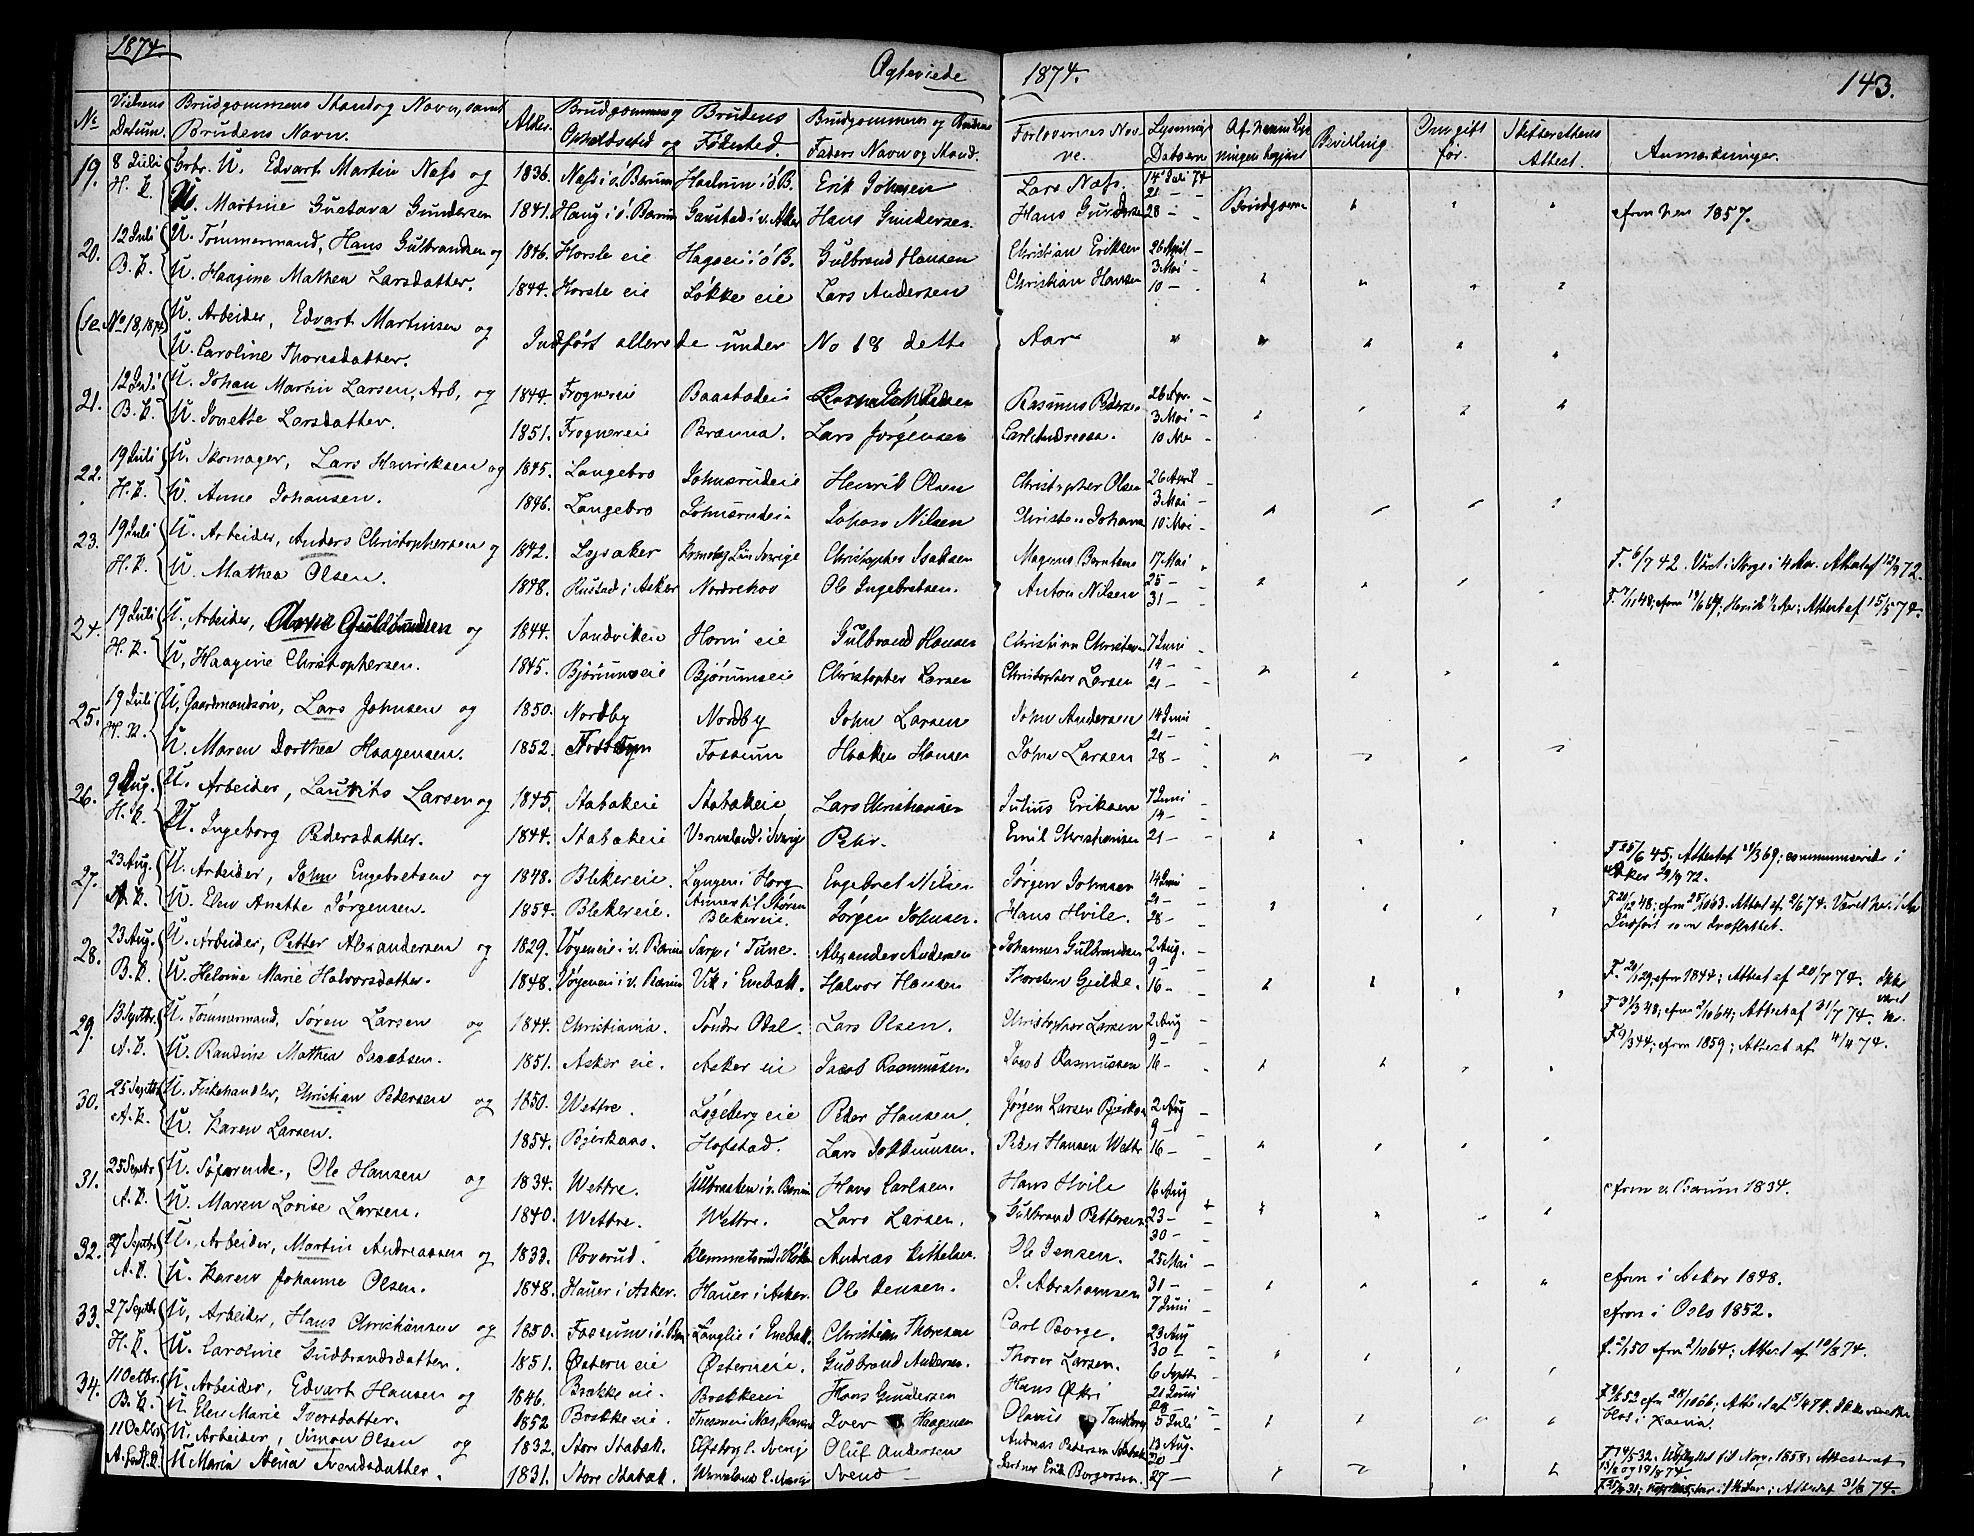 SAO, Asker prestekontor Kirkebøker, F/Fa/L0010: Ministerialbok nr. I 10, 1825-1878, s. 143